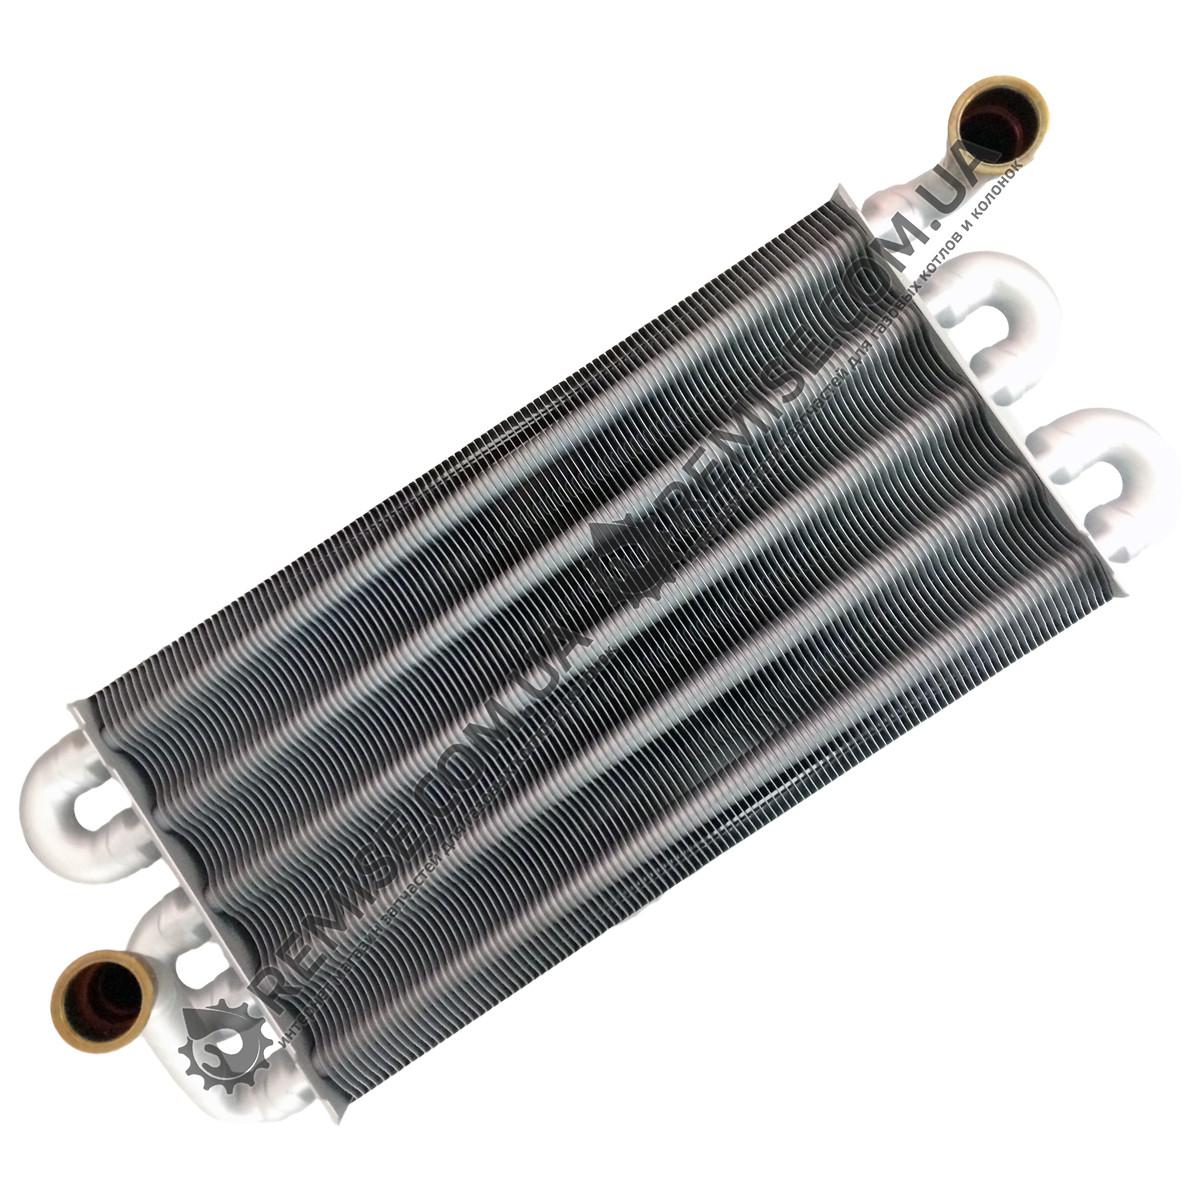 Купить теплообменник для газового котла сеньор дюваль Пластинчатый теплообменник Анвитэк AMX 100 Петрозаводск